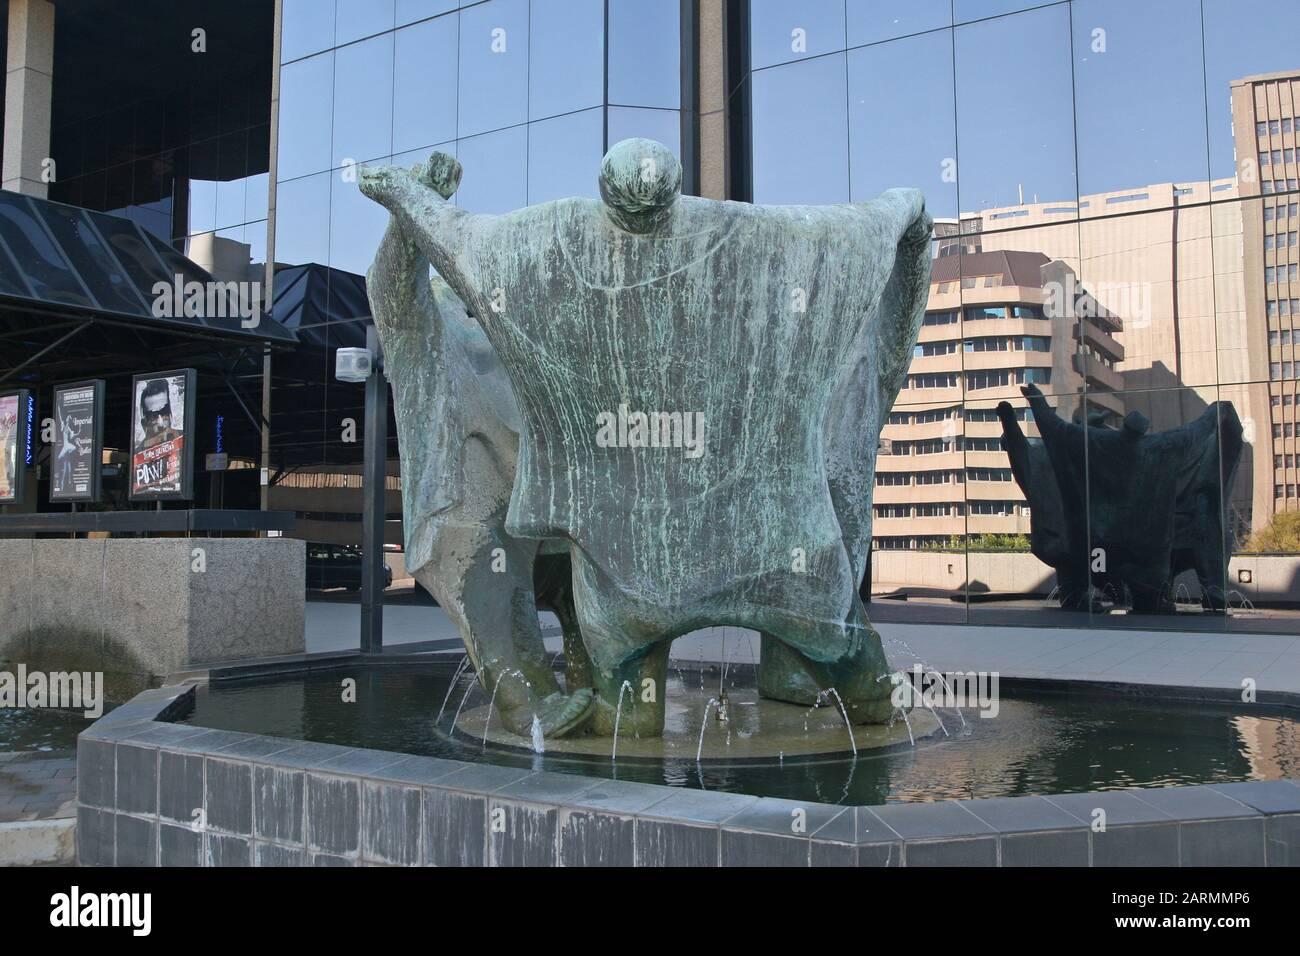 Statue di fronte al teatro Joburg chiamato I Creatori di Ernest Ullman, Braamfontein, Johannesburg, Gauteng, Sud Africa. Foto Stock